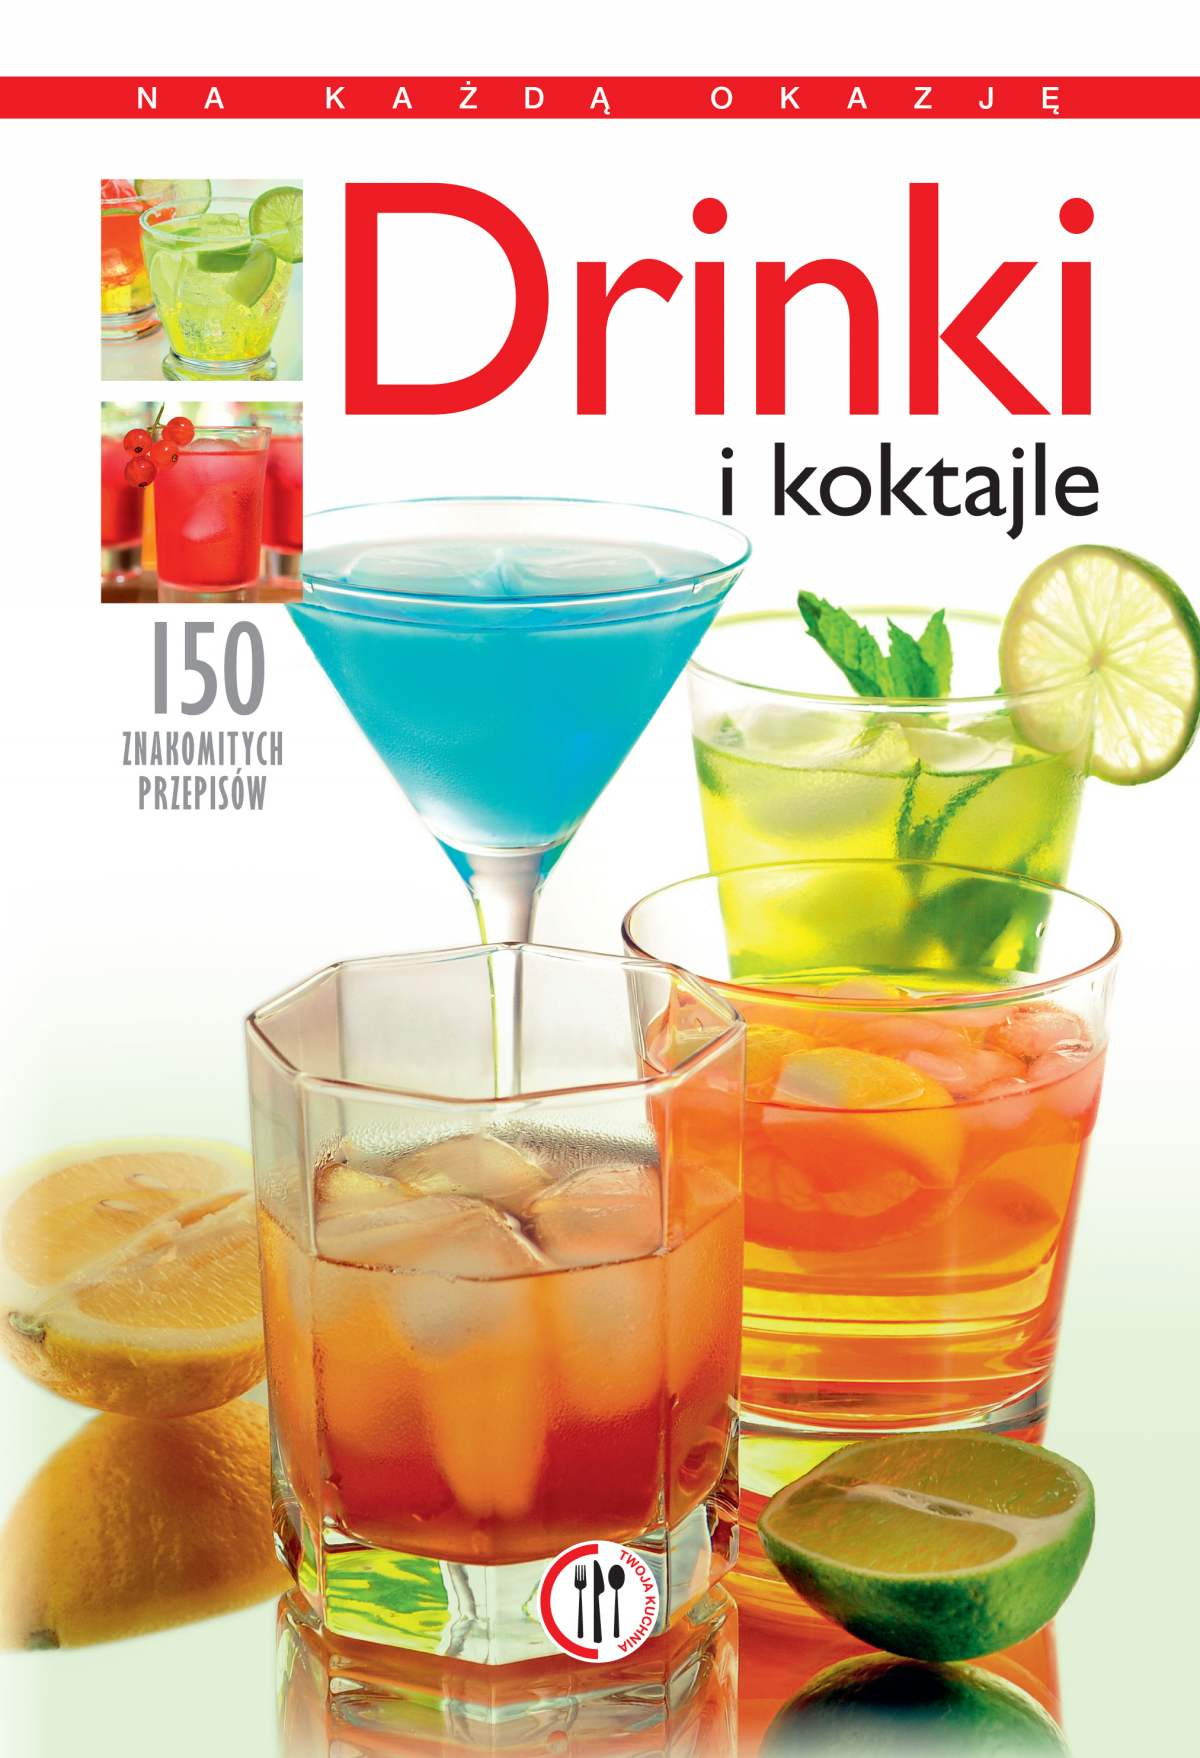 Drinki i koktajle. 150 znakomitych przepisów - Ebook (Książka PDF) do pobrania w formacie PDF